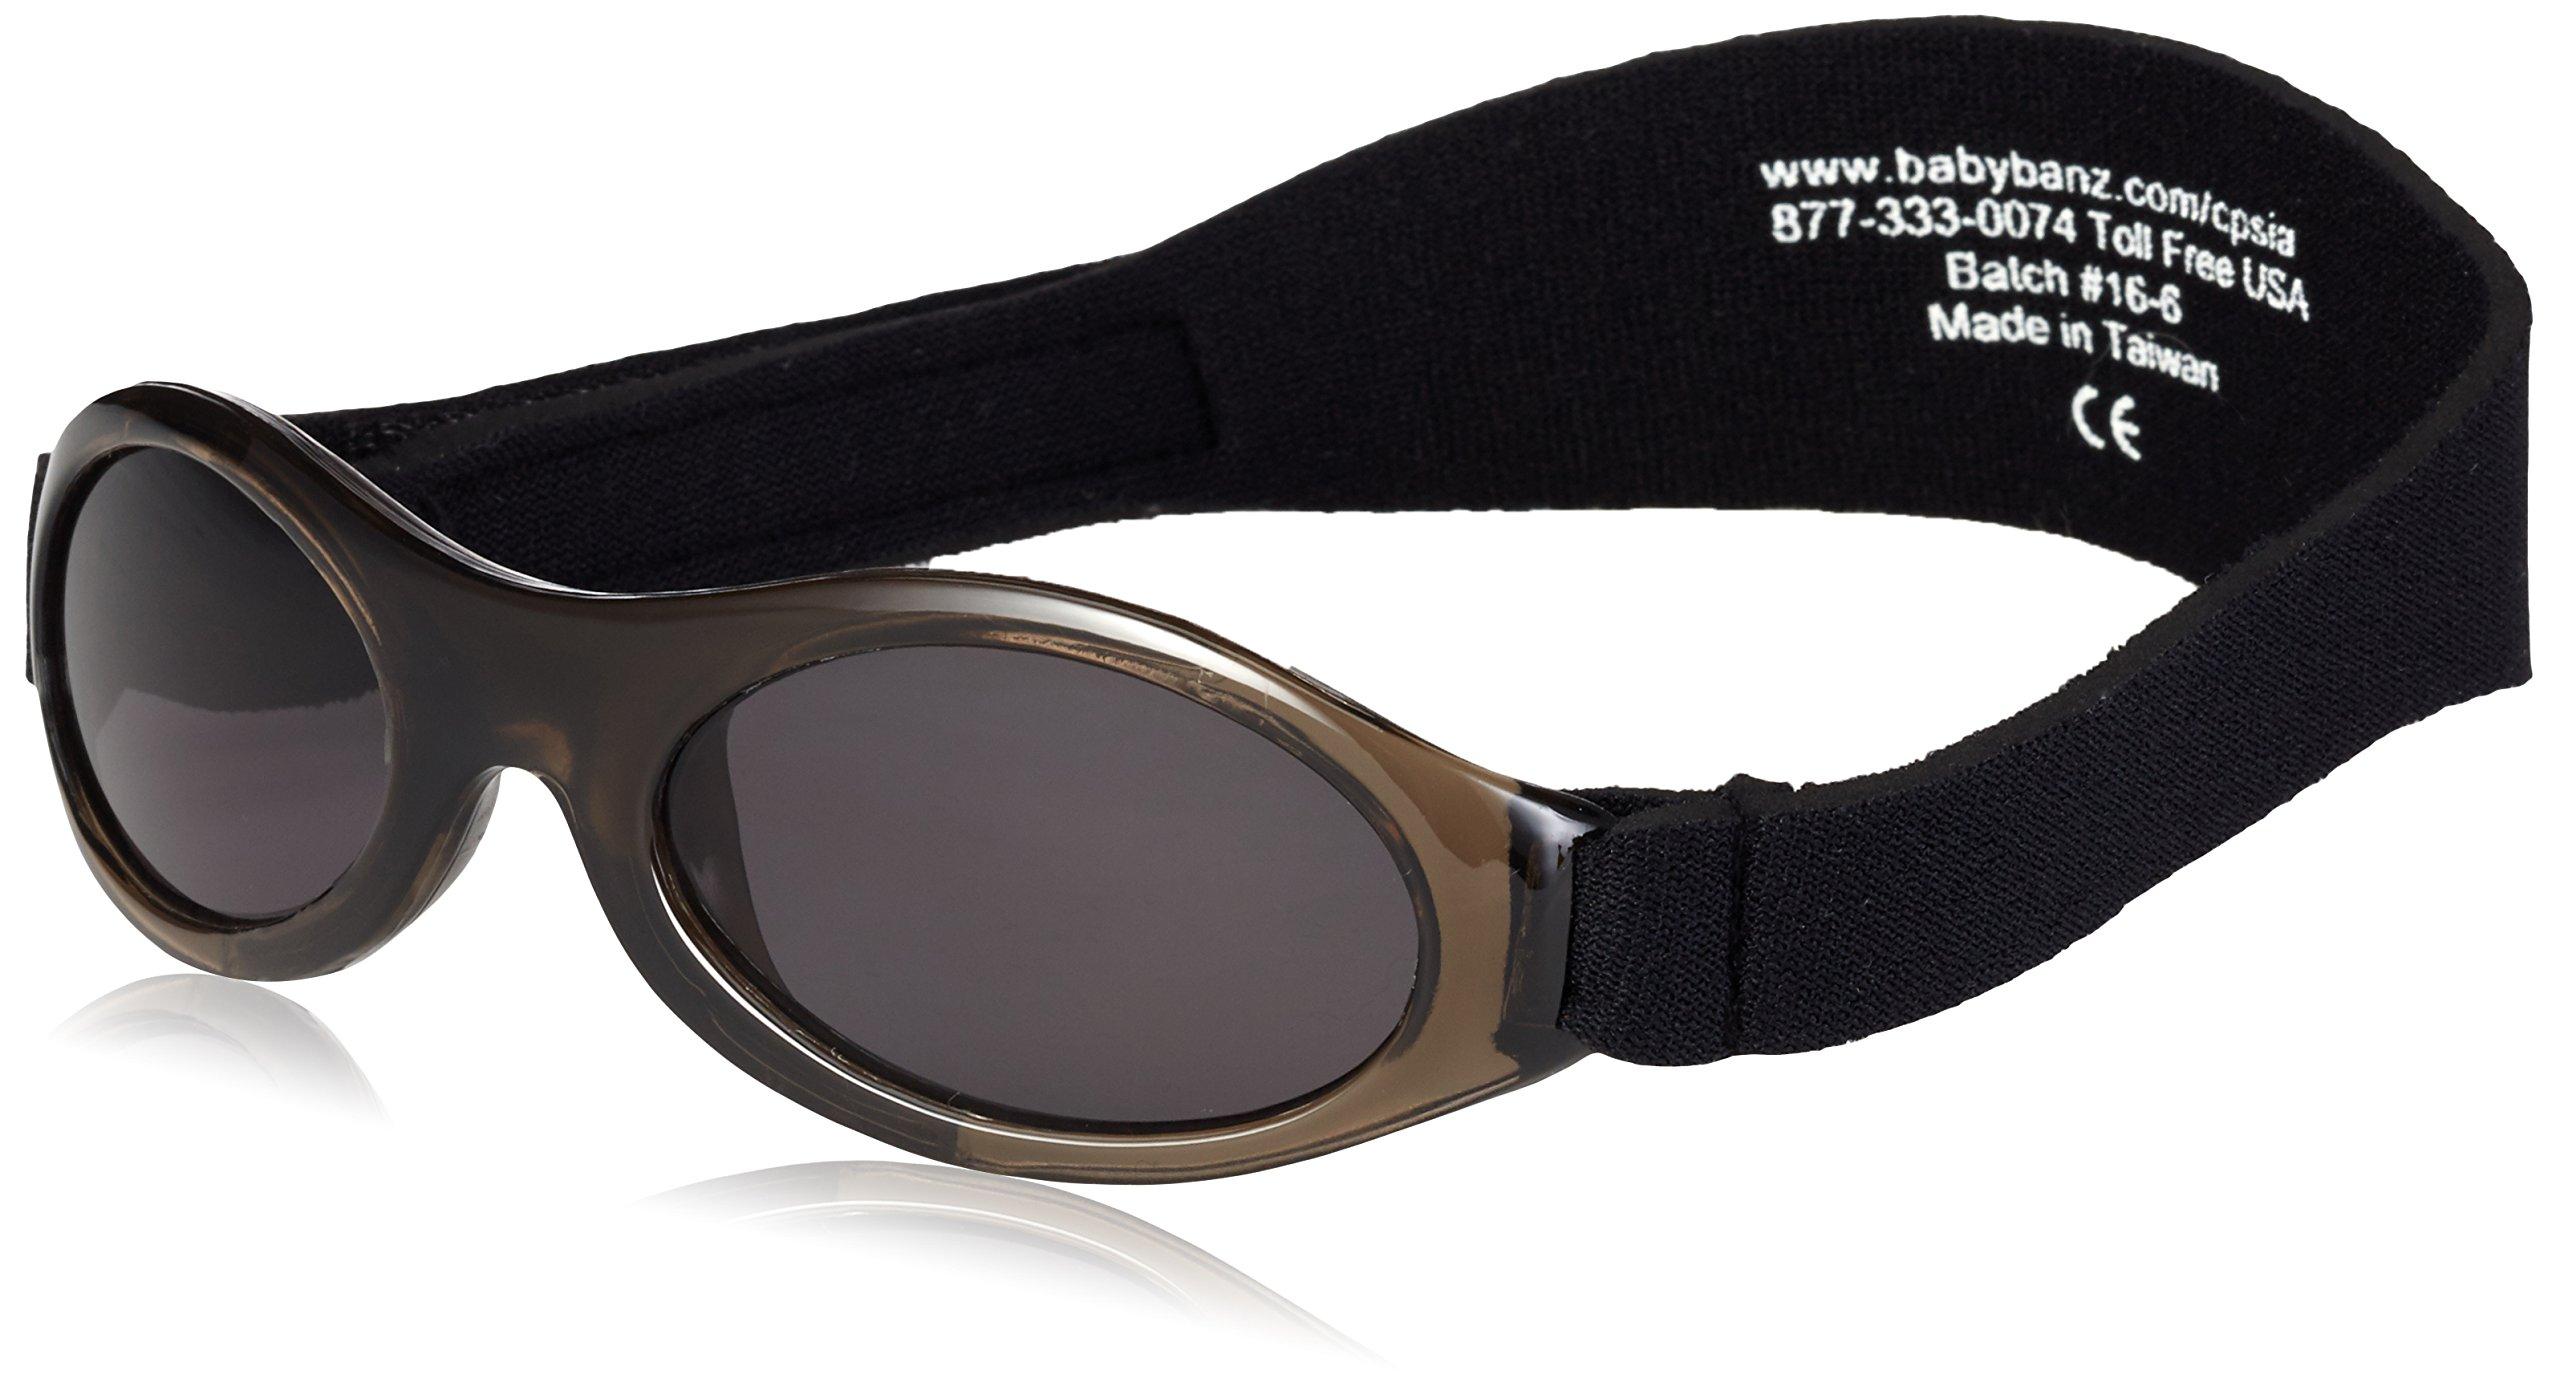 Baby Banz - Gafas de sol Ovaladas para niños, Black, 0-2 anos 1